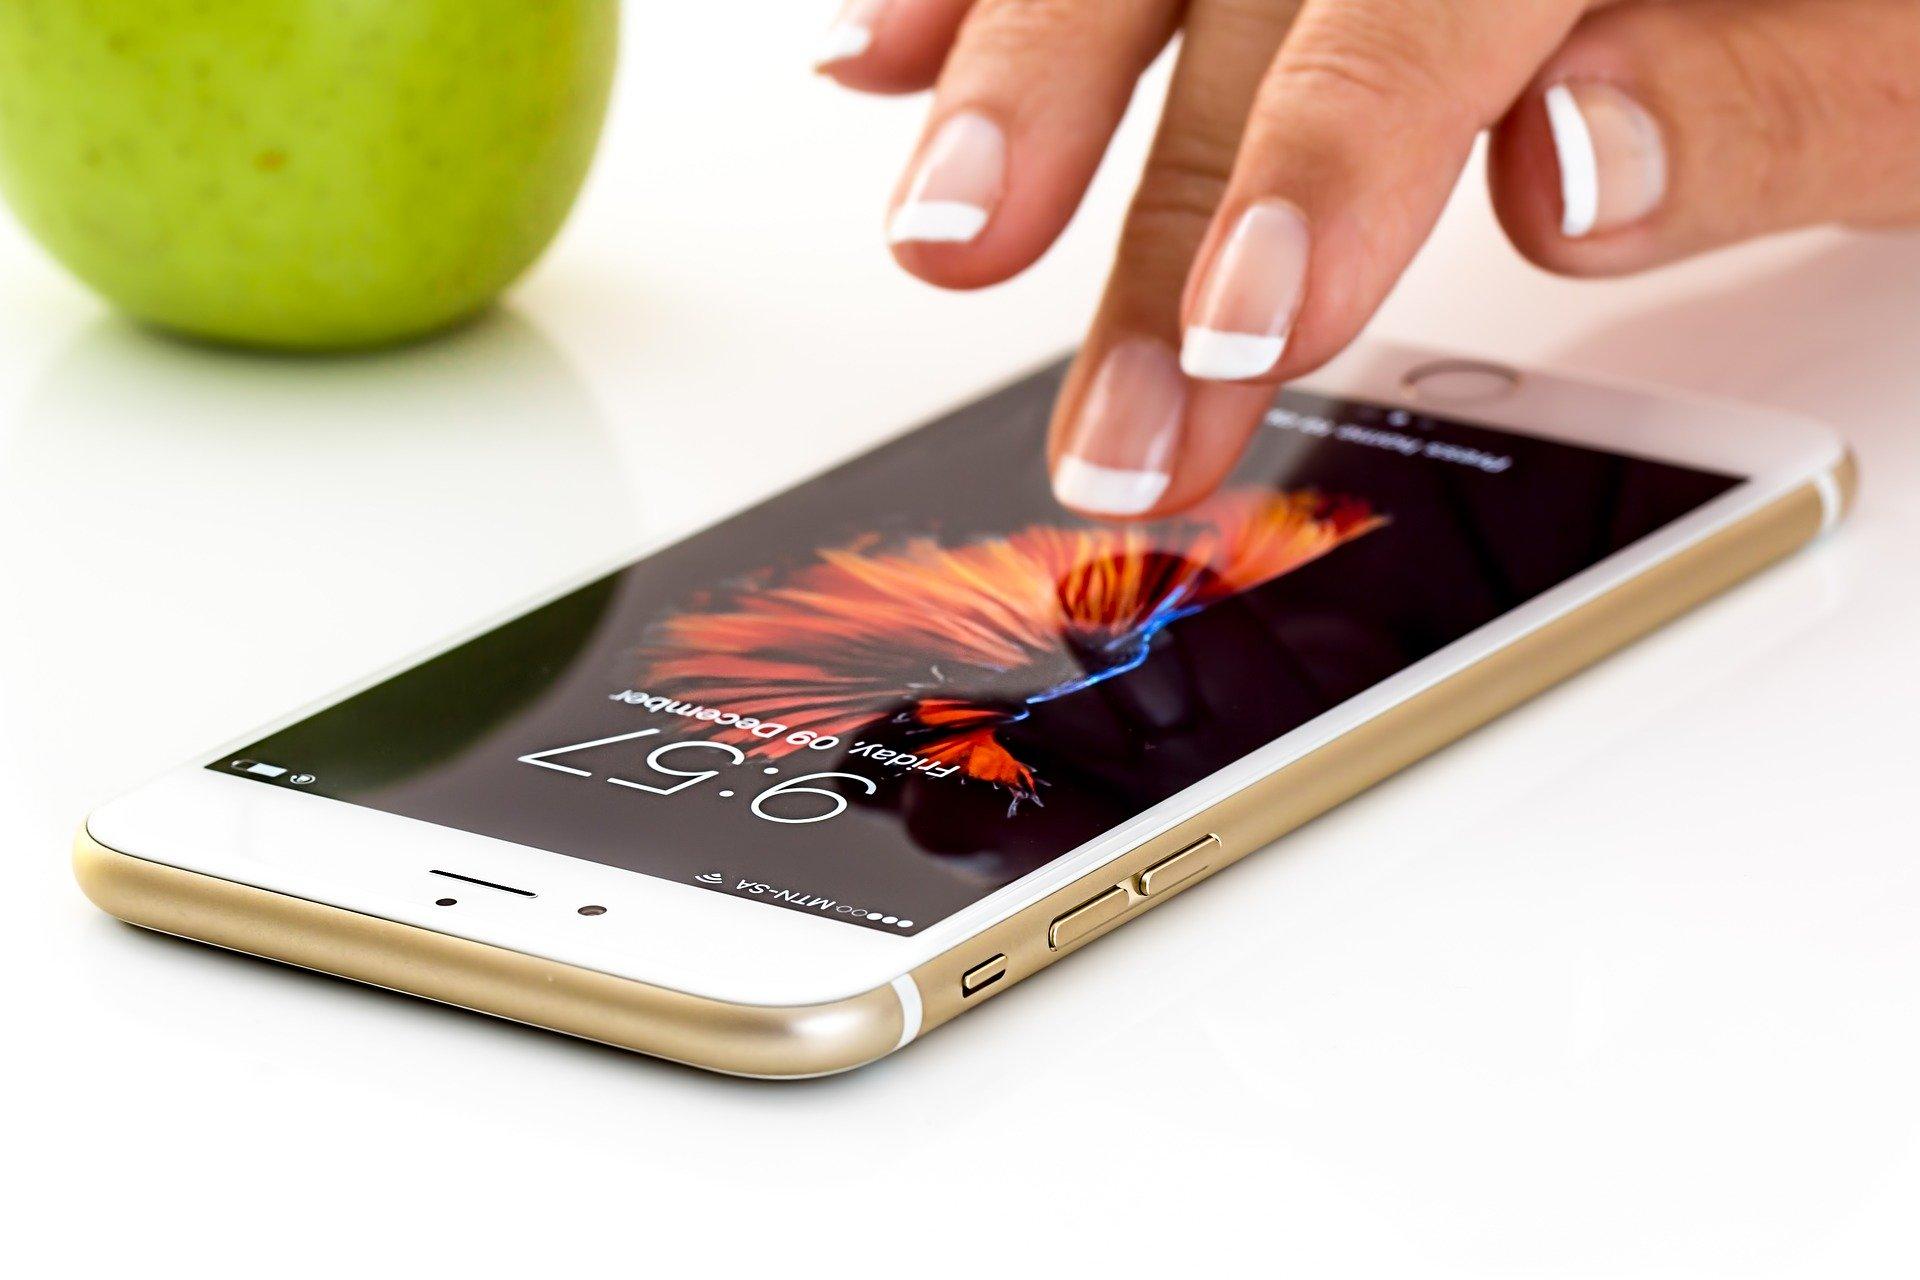 Wie schütze ich mein Smartphone?